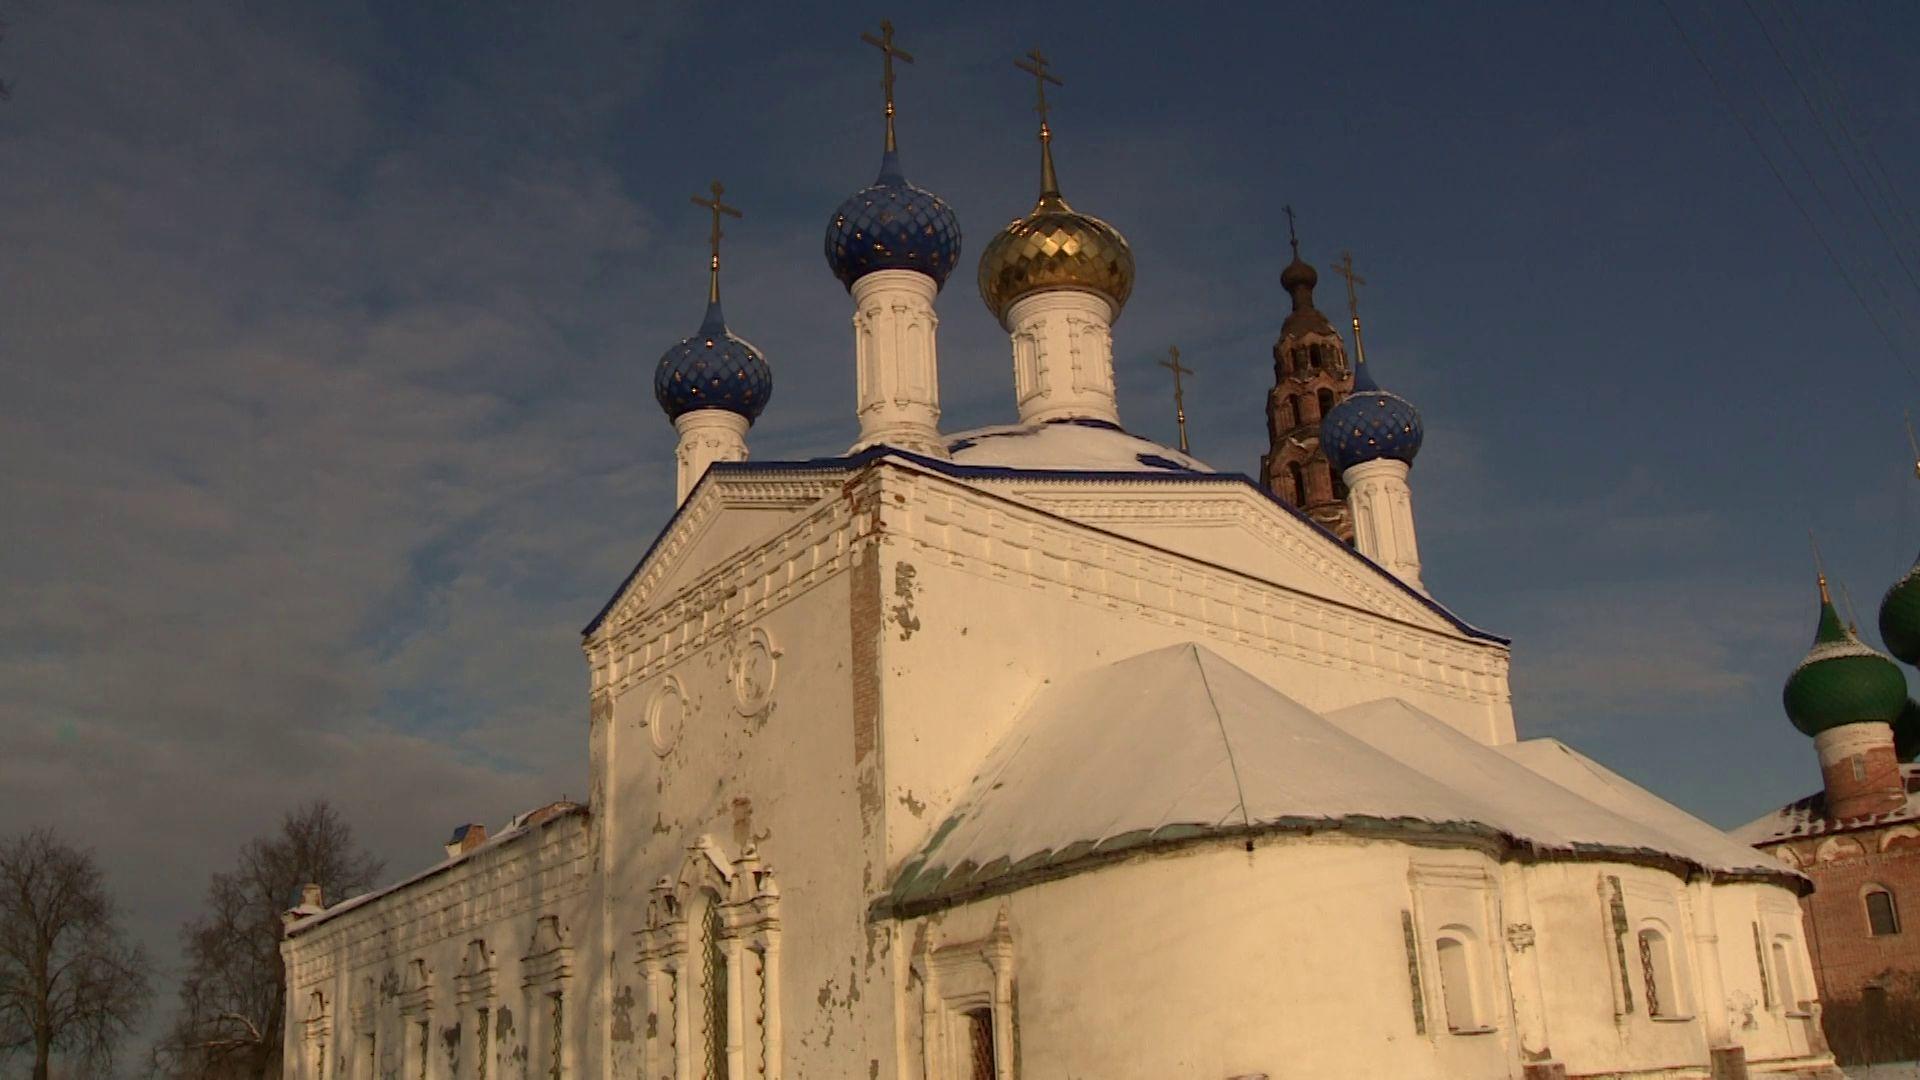 В Покровском храме села Великое украли освещение